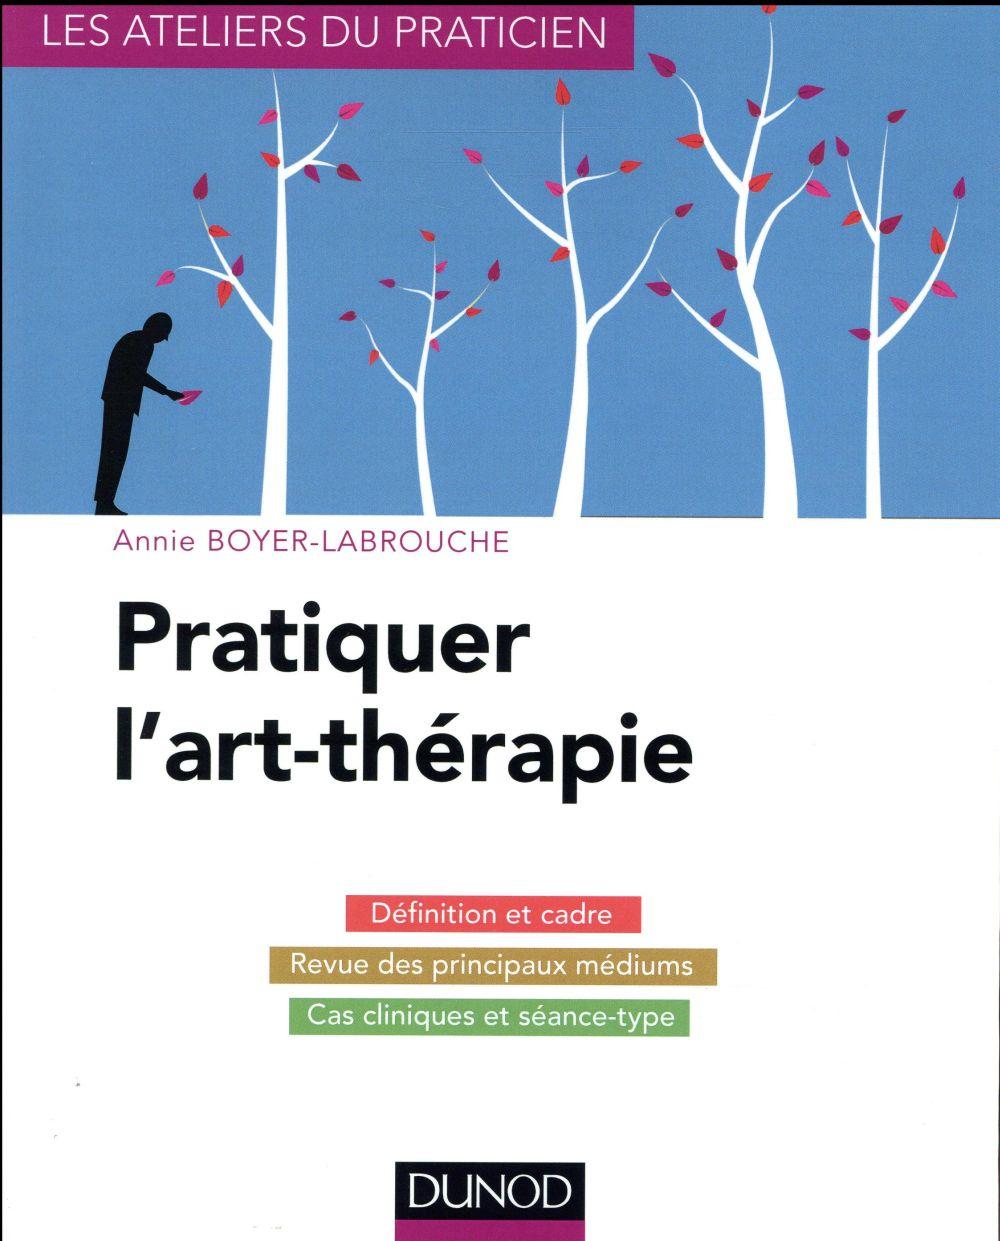 PRATIQUER L'ART-THERAPIE  -  CADRE ET CAS CLINIQUES